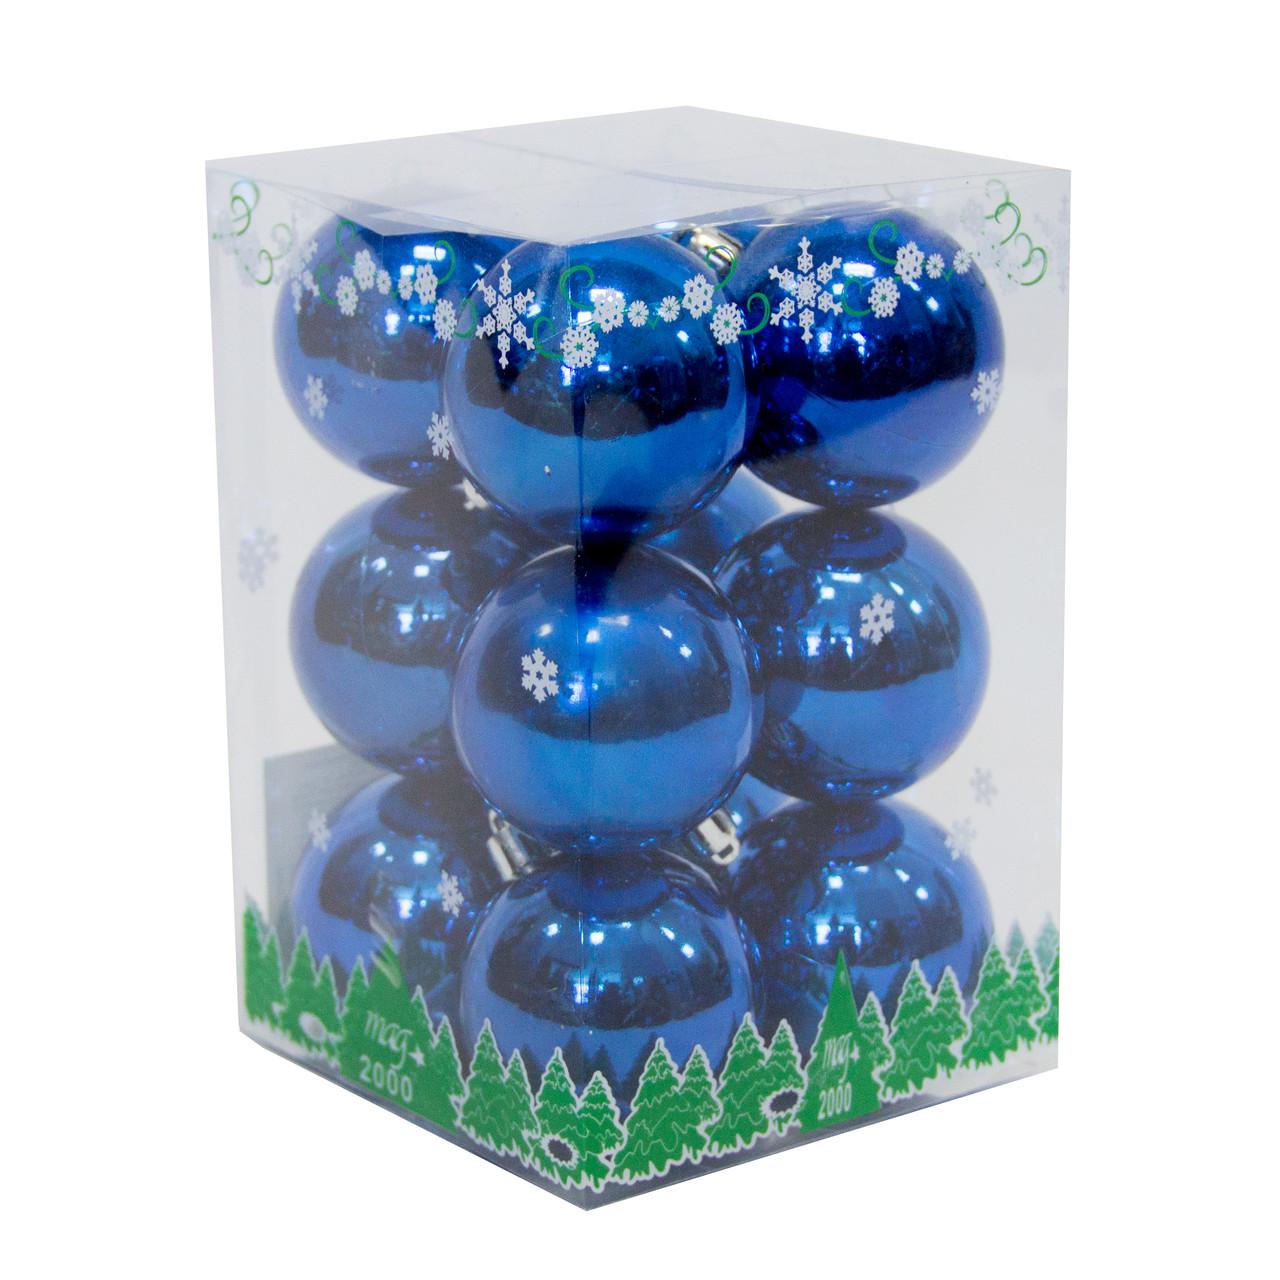 Набор елочных игрушки - шары в боксе, 12 см, D6 см, синий, глянцевый, пластик (890766)